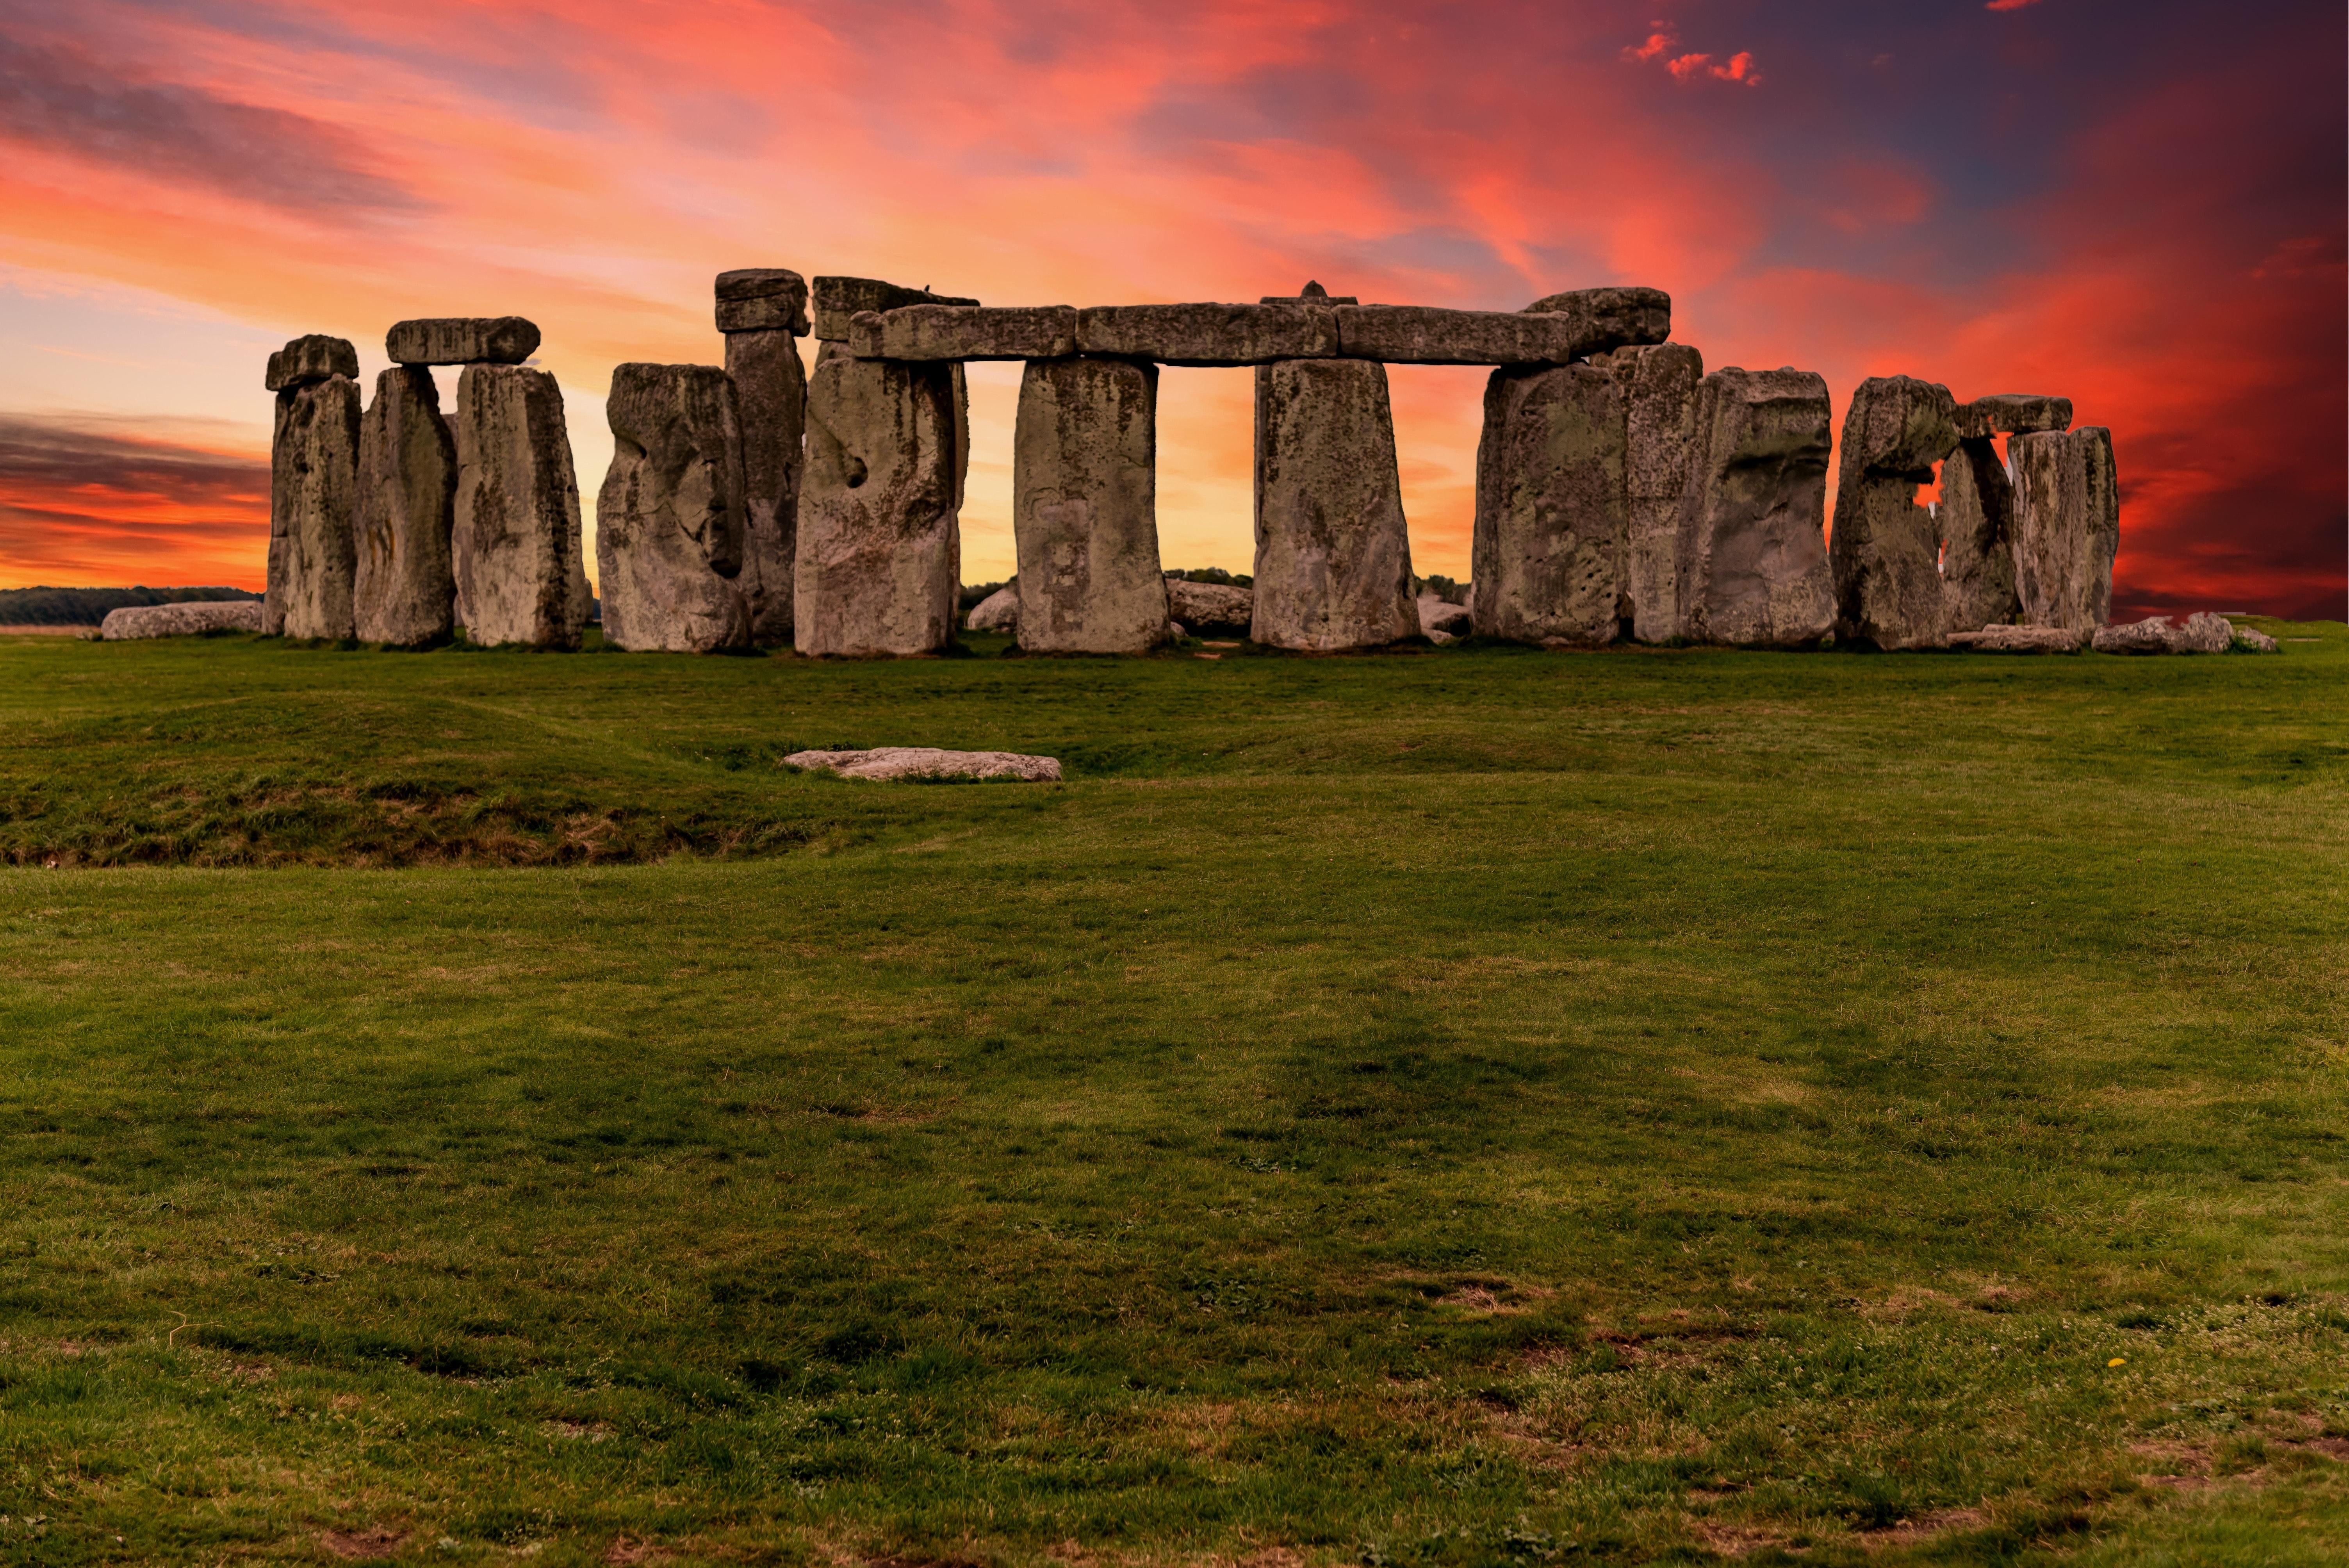 Honeymoon in England for a Vast Range of Wonders